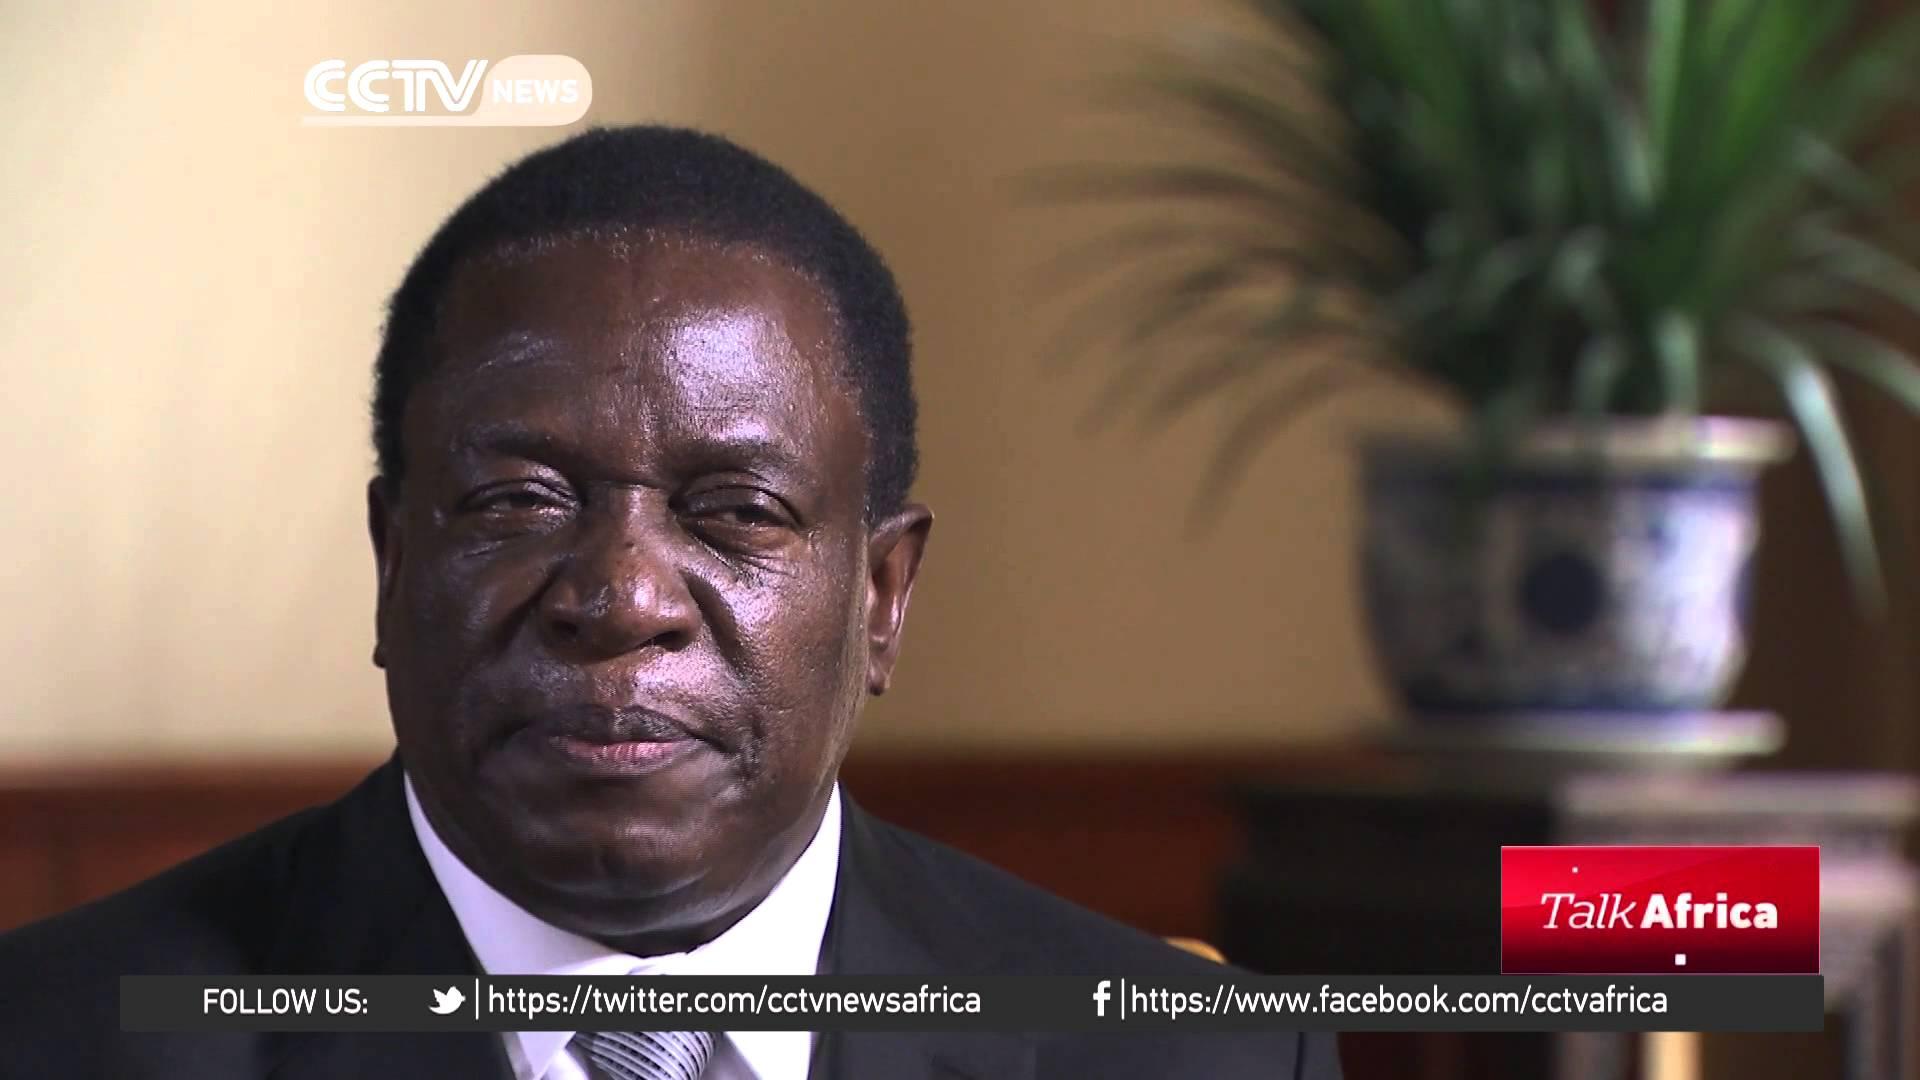 Mnangagwa CCTV - Nehanda TV